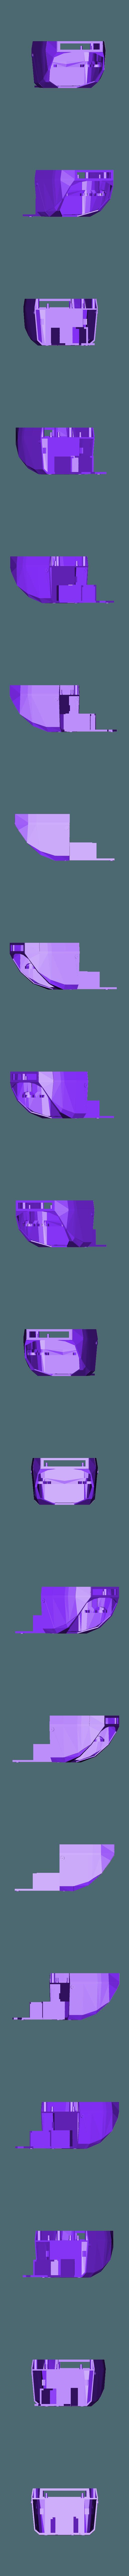 Sp_drone_head.stl Télécharger fichier STL gratuit Drone Sprank (bourdon de course avec cardan à came) • Objet pour impression 3D, mwilmars